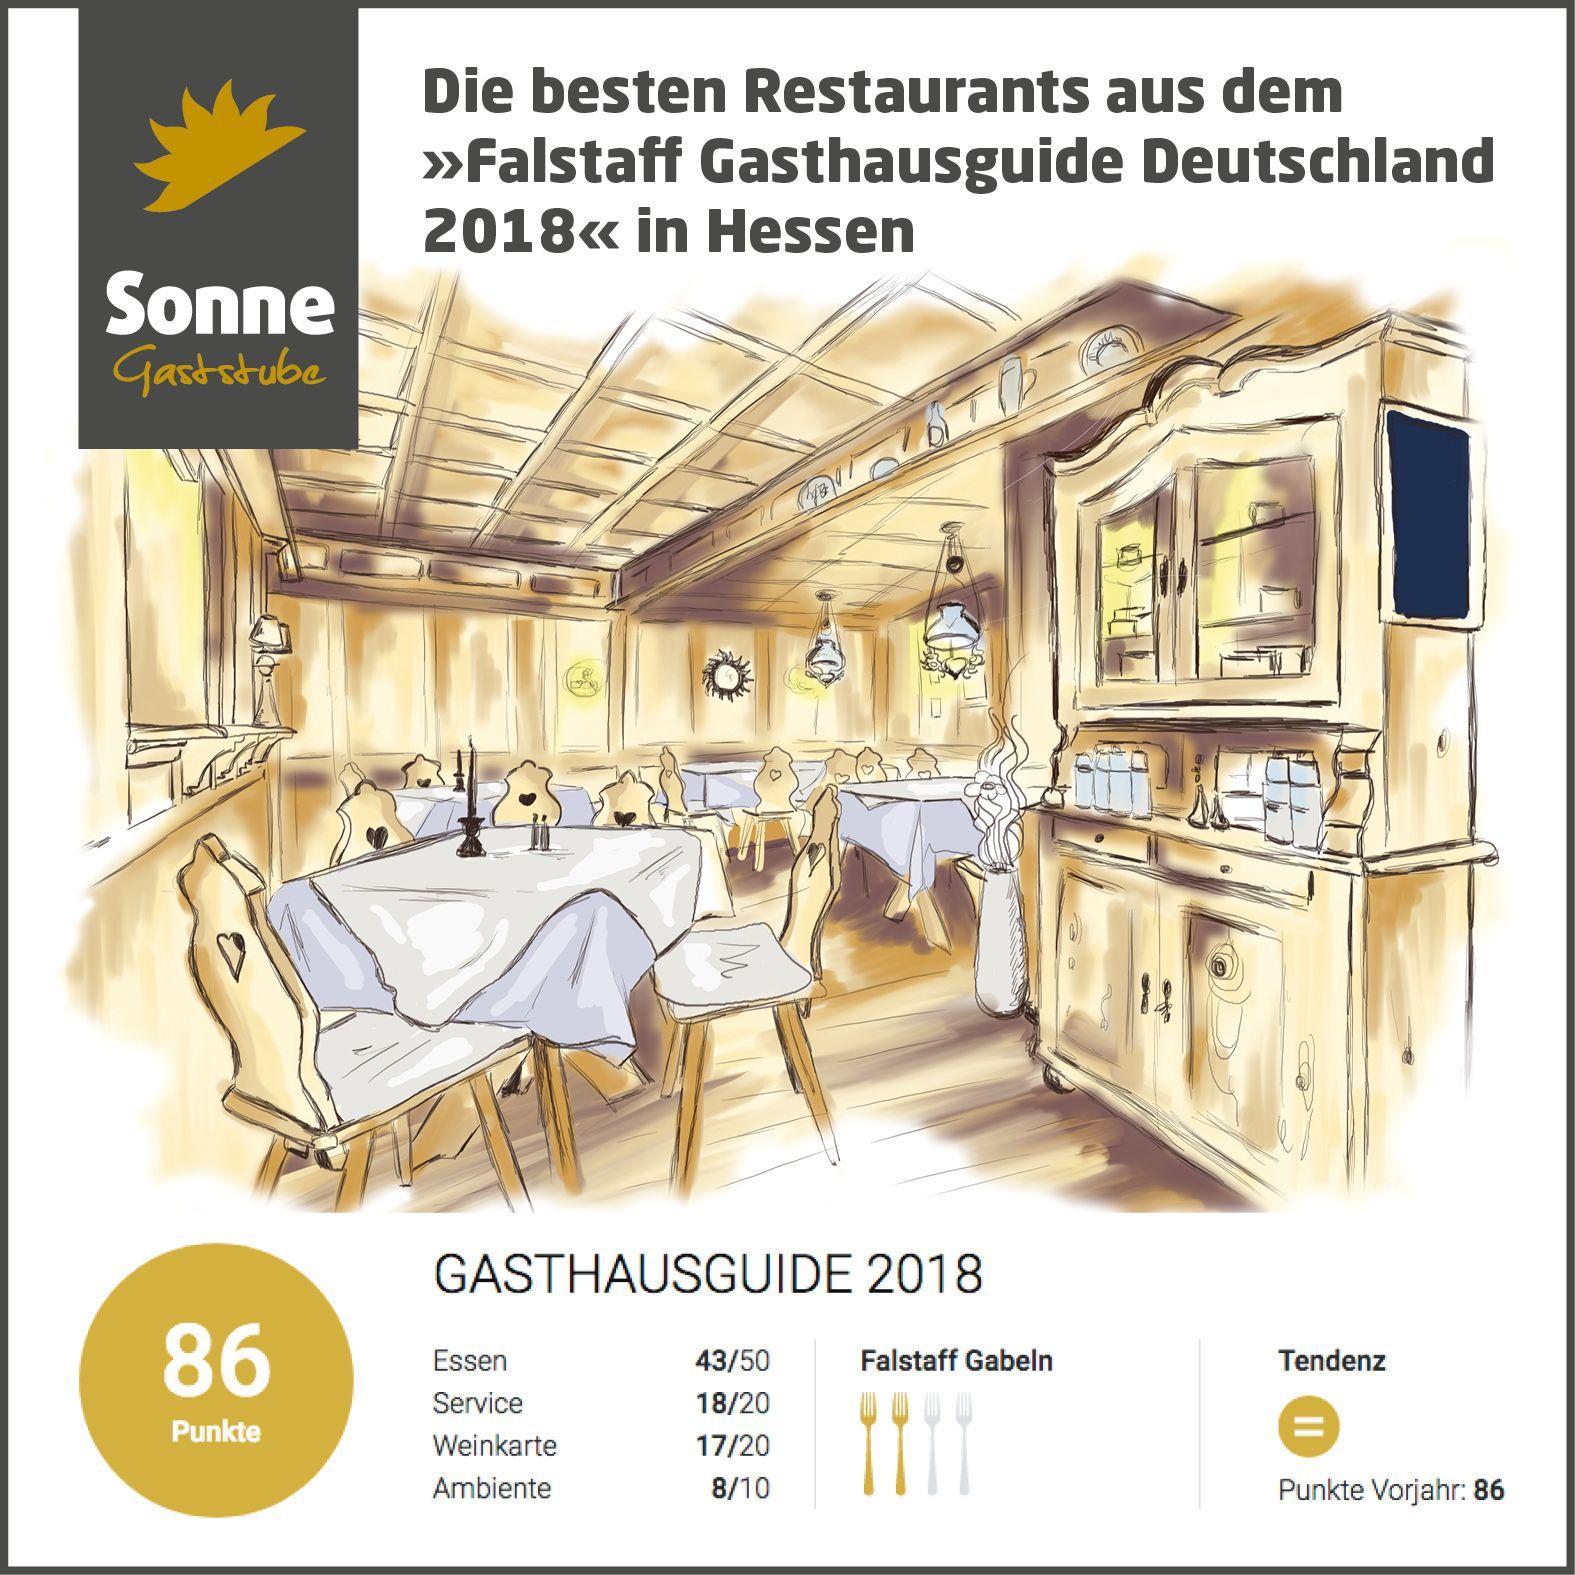 """Juhu, wir sind wieder mit unserer Gaststube Sonne beim """"Falstaff Gasthausguide Deutschland 2018"""" dabei und haben """"2 Gabeln"""" erhalten. https://www.falstaff.de/rf/lr/csm1/deutschland/hessen/gasthausguide-2018/"""